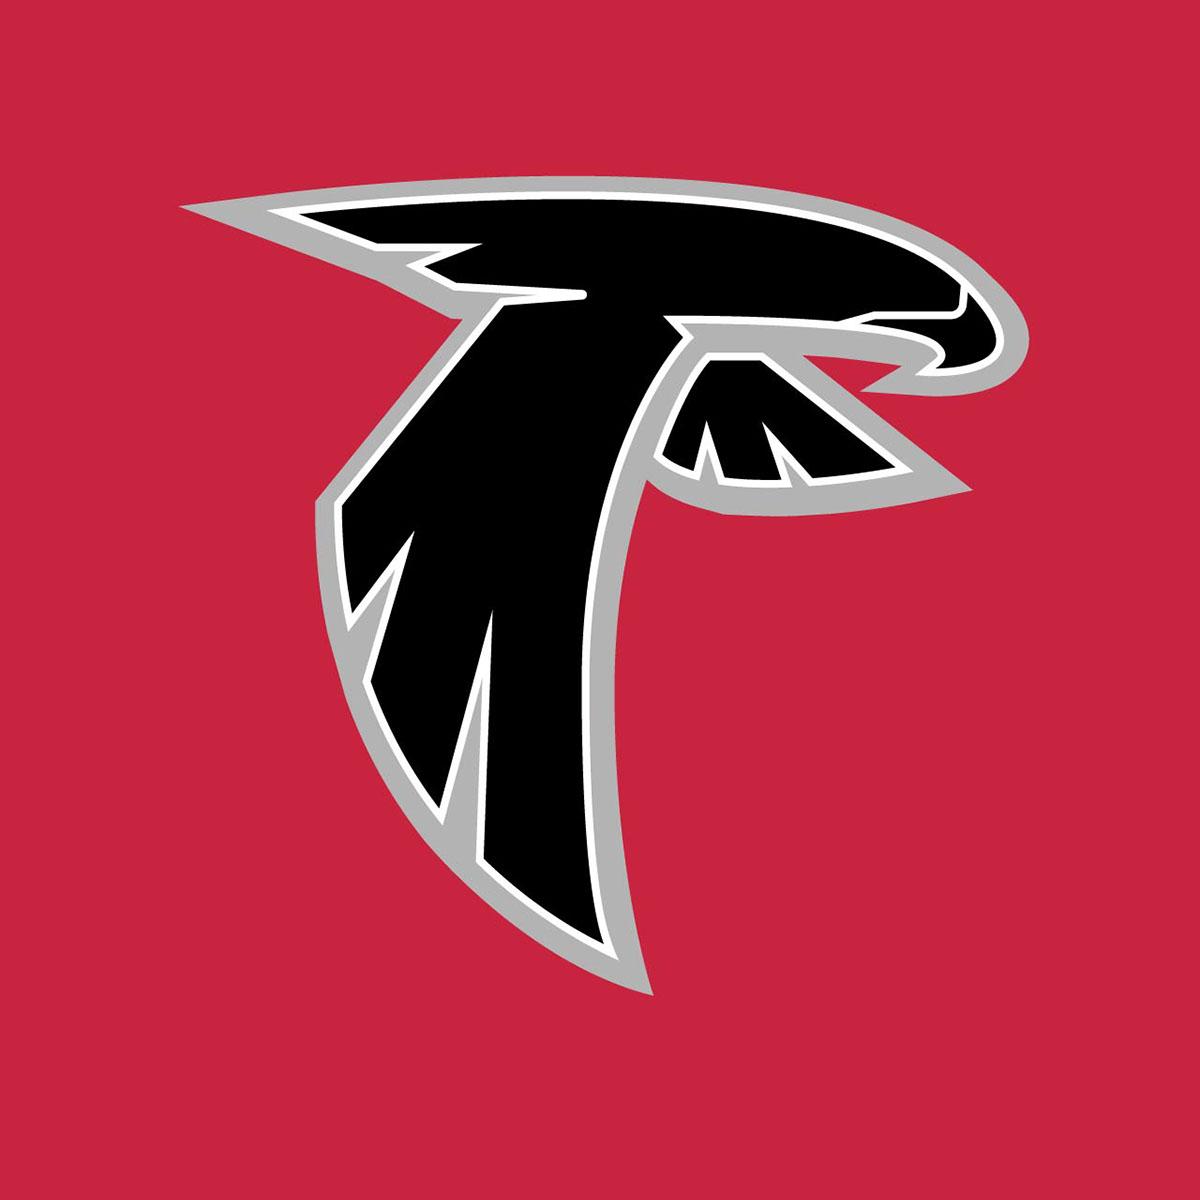 Atlanta Falcons Rebranding Pt1 On Behance